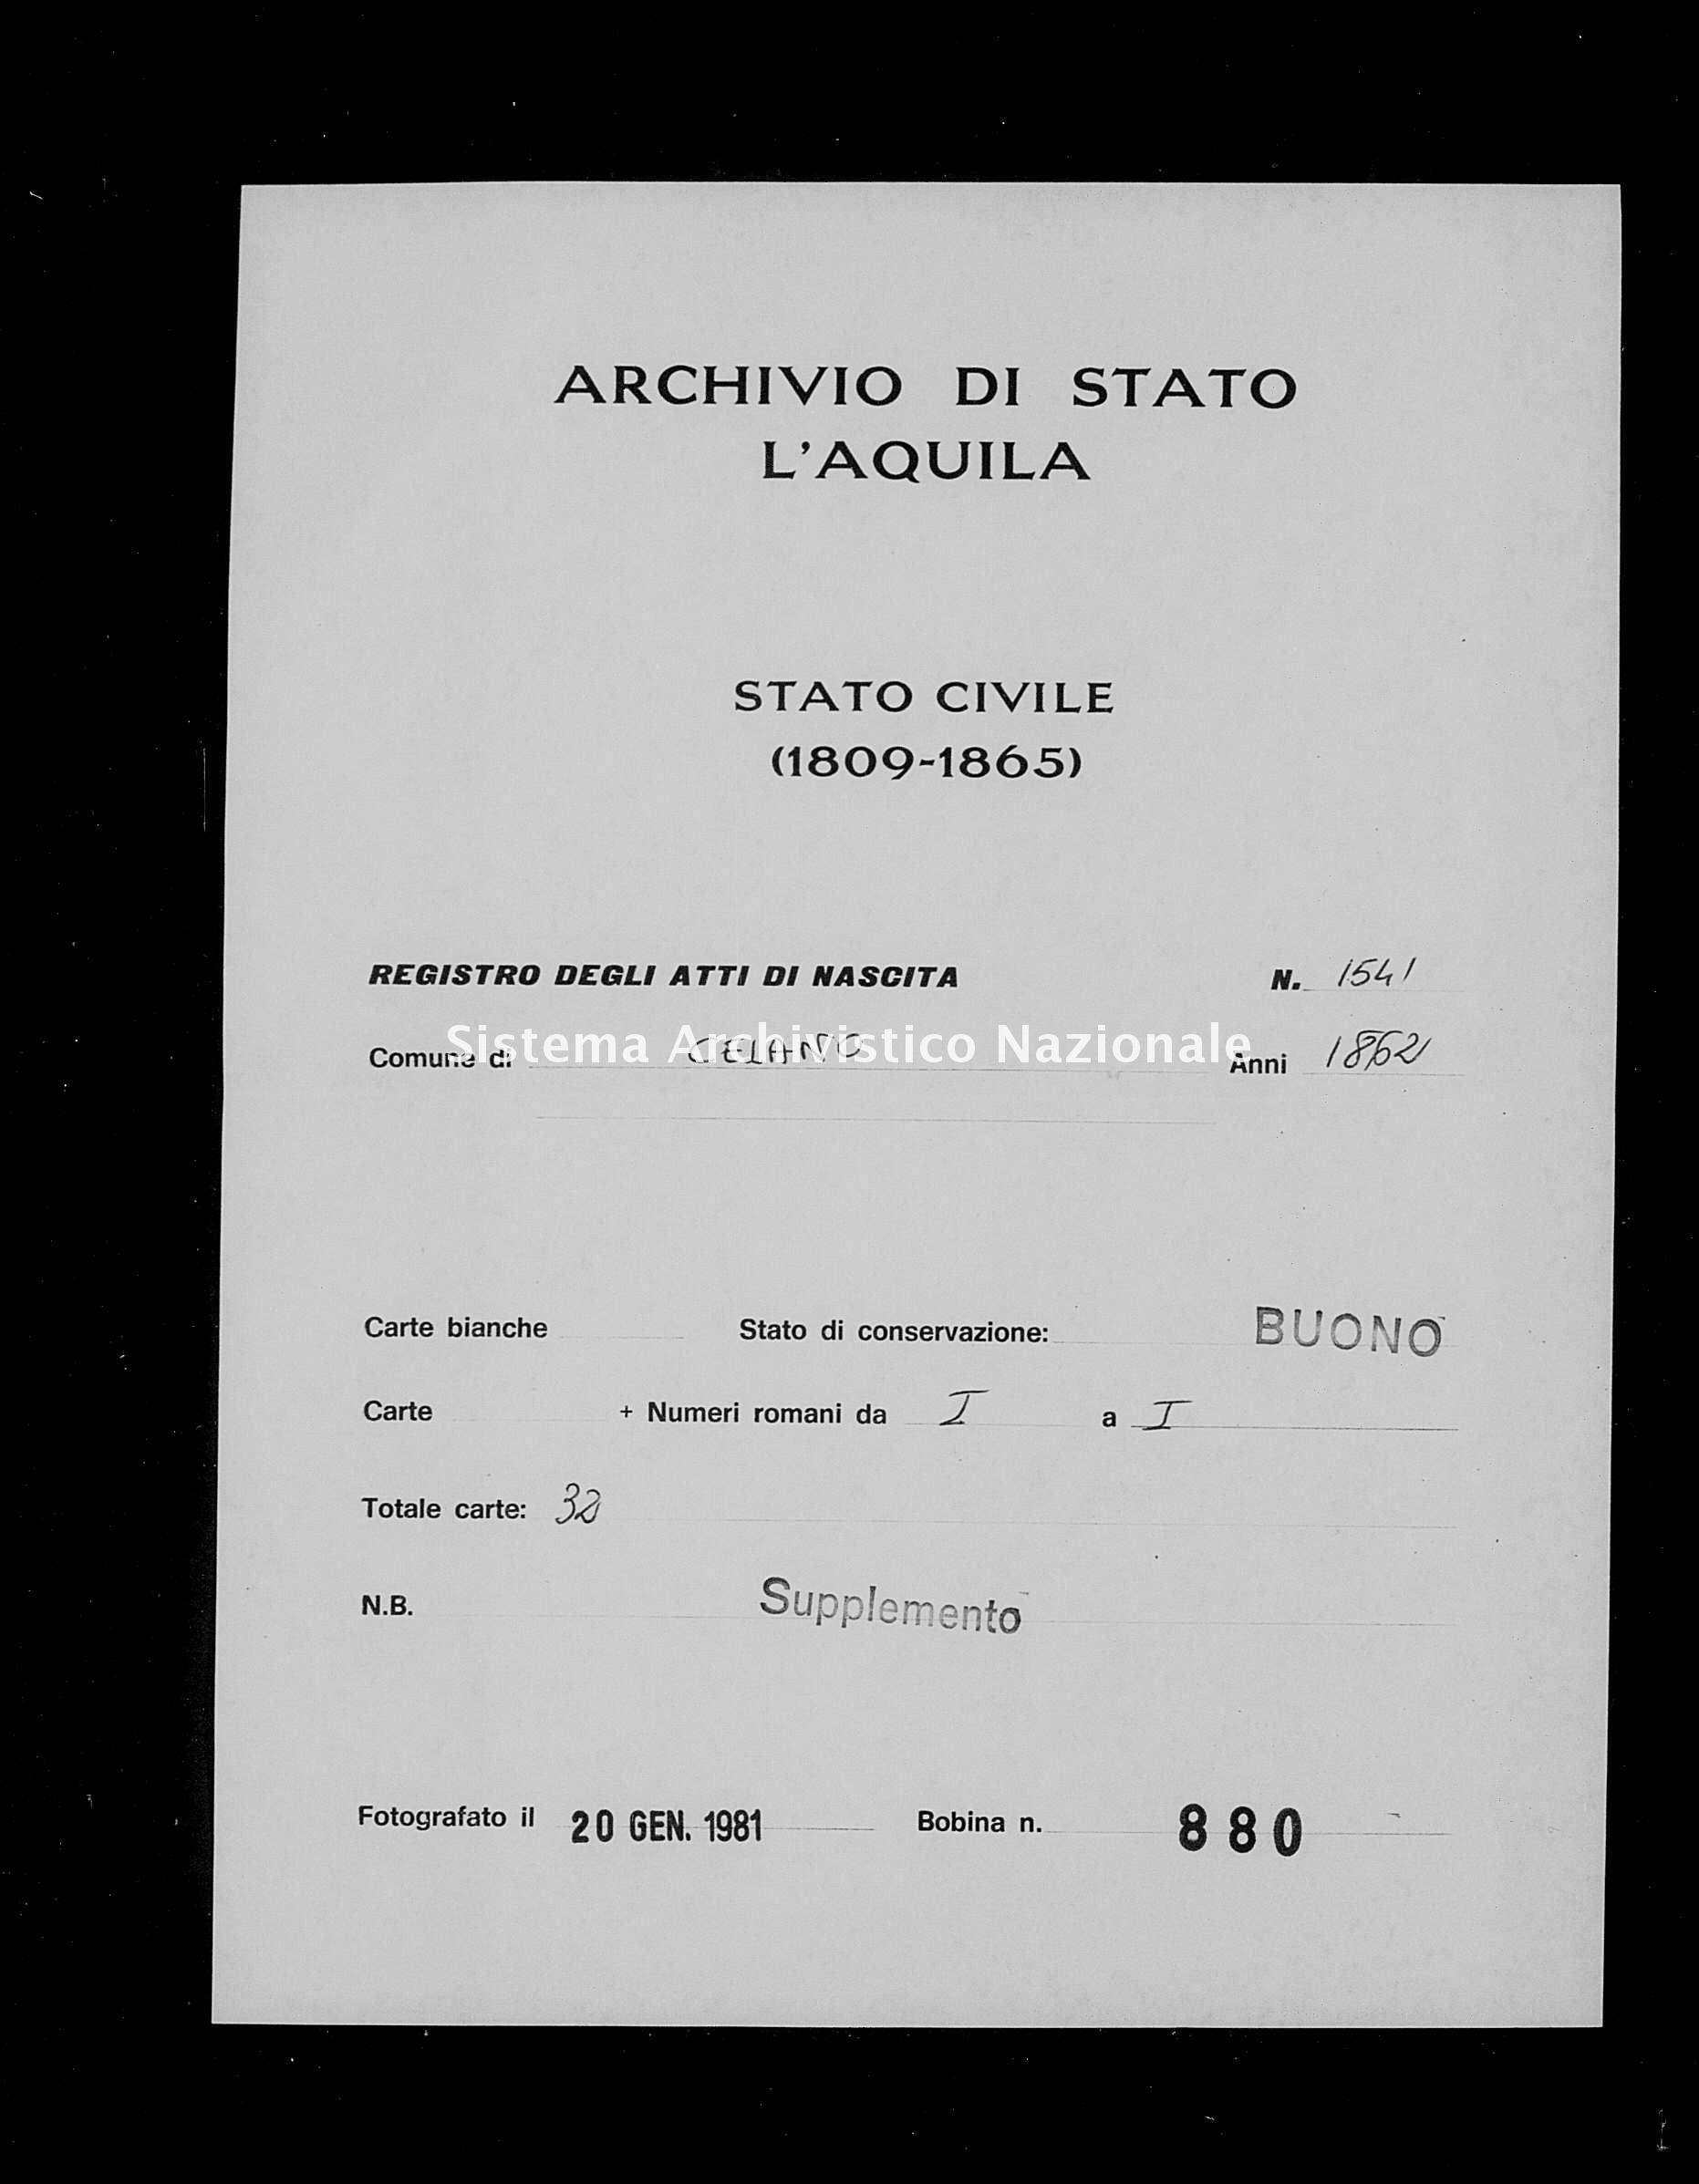 Archivio di stato di L'aquila - Stato civile italiano - Celano - Nati, esposti - 1862 - 1541 -